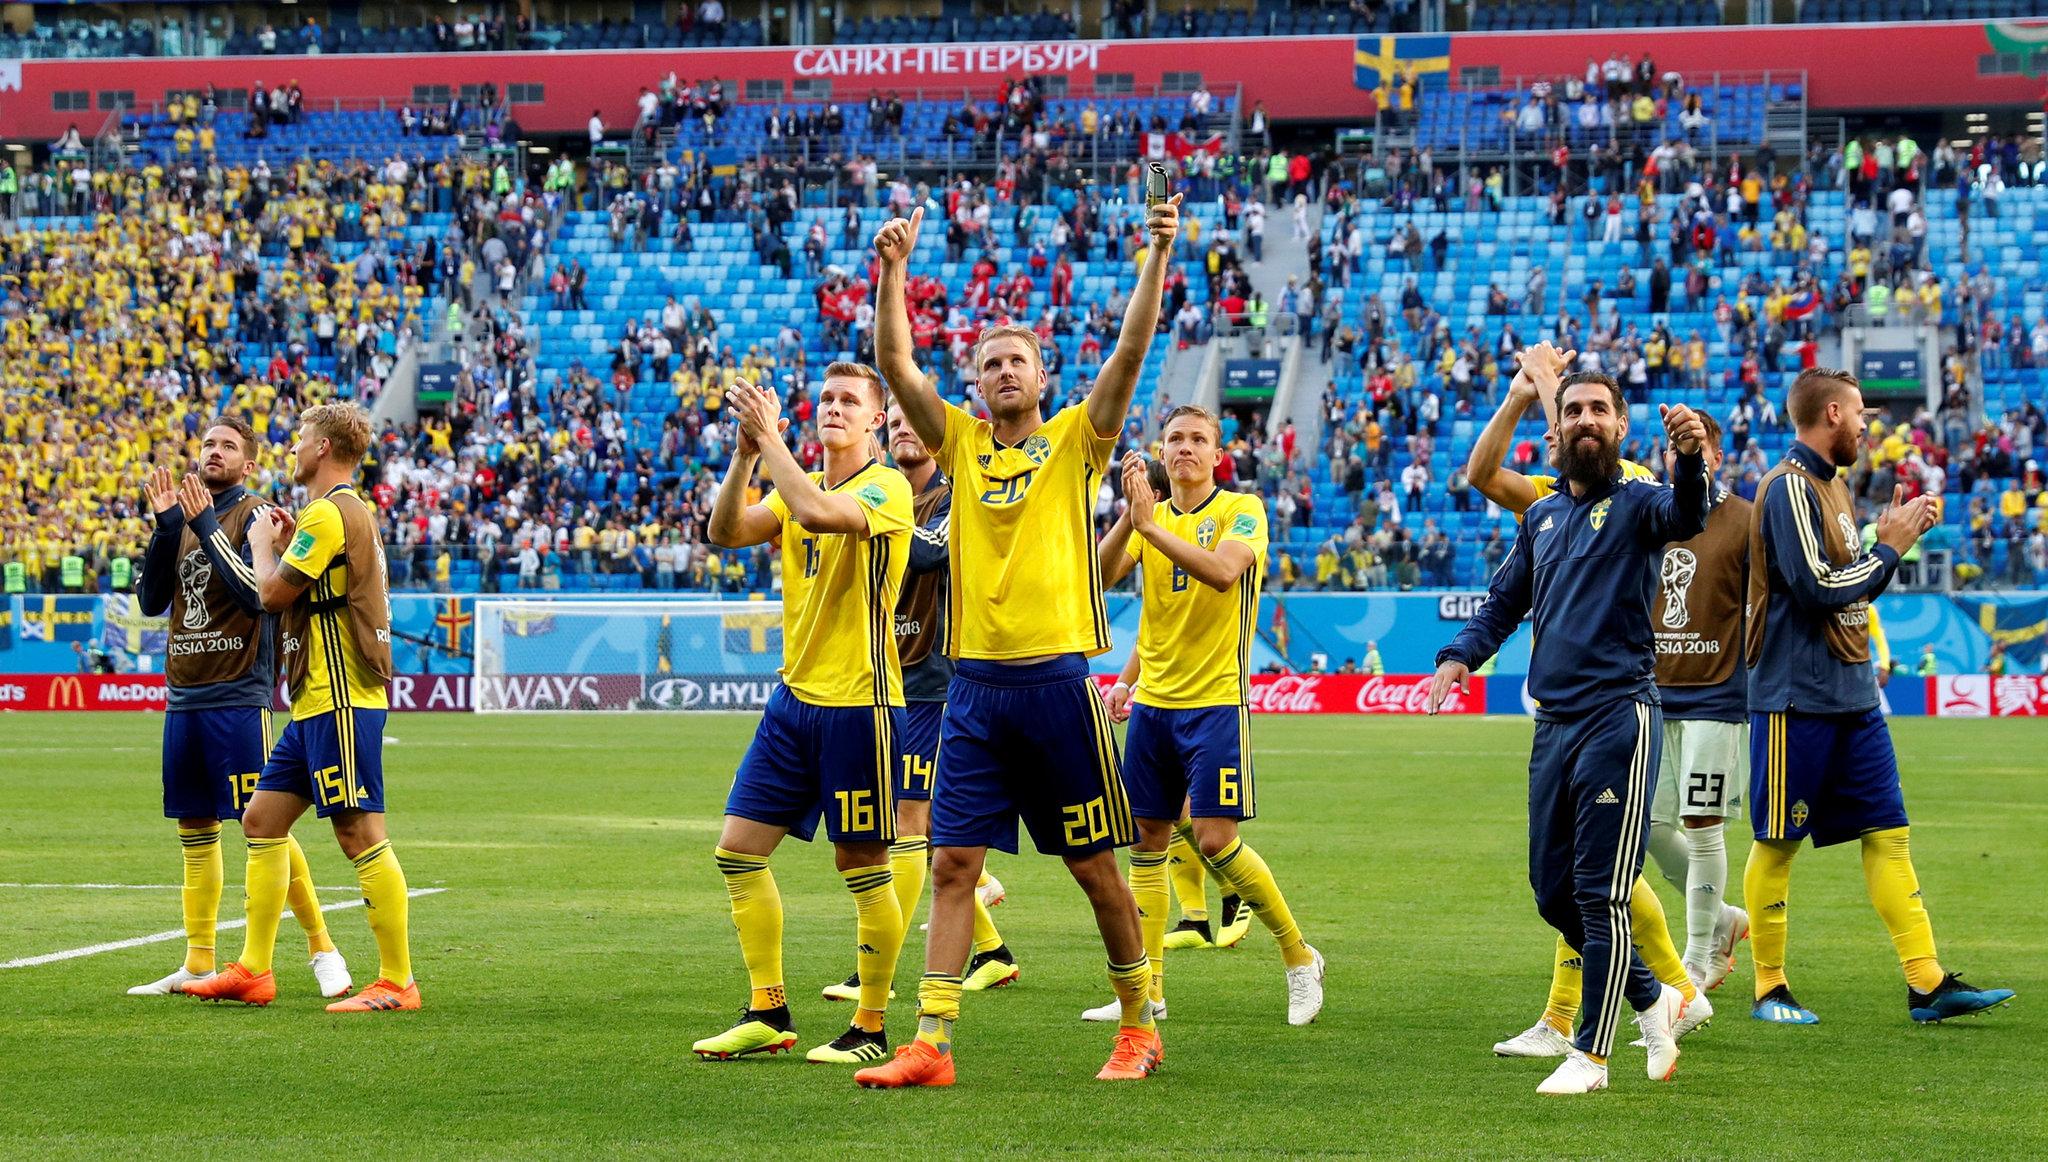 Con dos testarazos, Inglaterra vence a Suecia y va a Semifinal